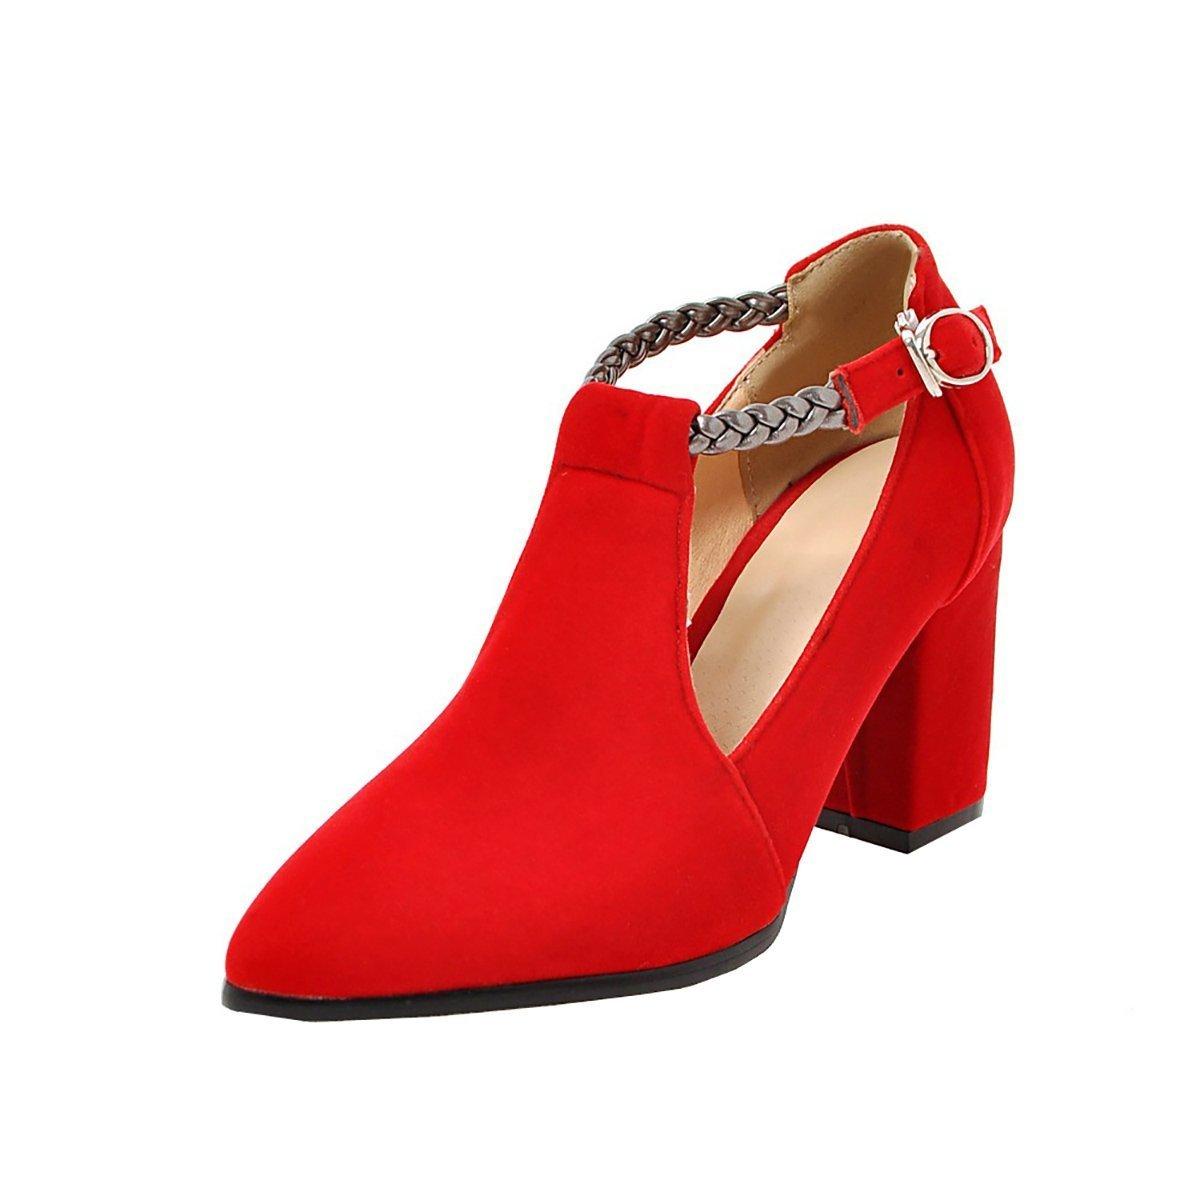 YE Damen T Strap Pumps Blockabsatz High Heels mit Riemchen Bequem Elegant Schuhe  40 EU|Rot